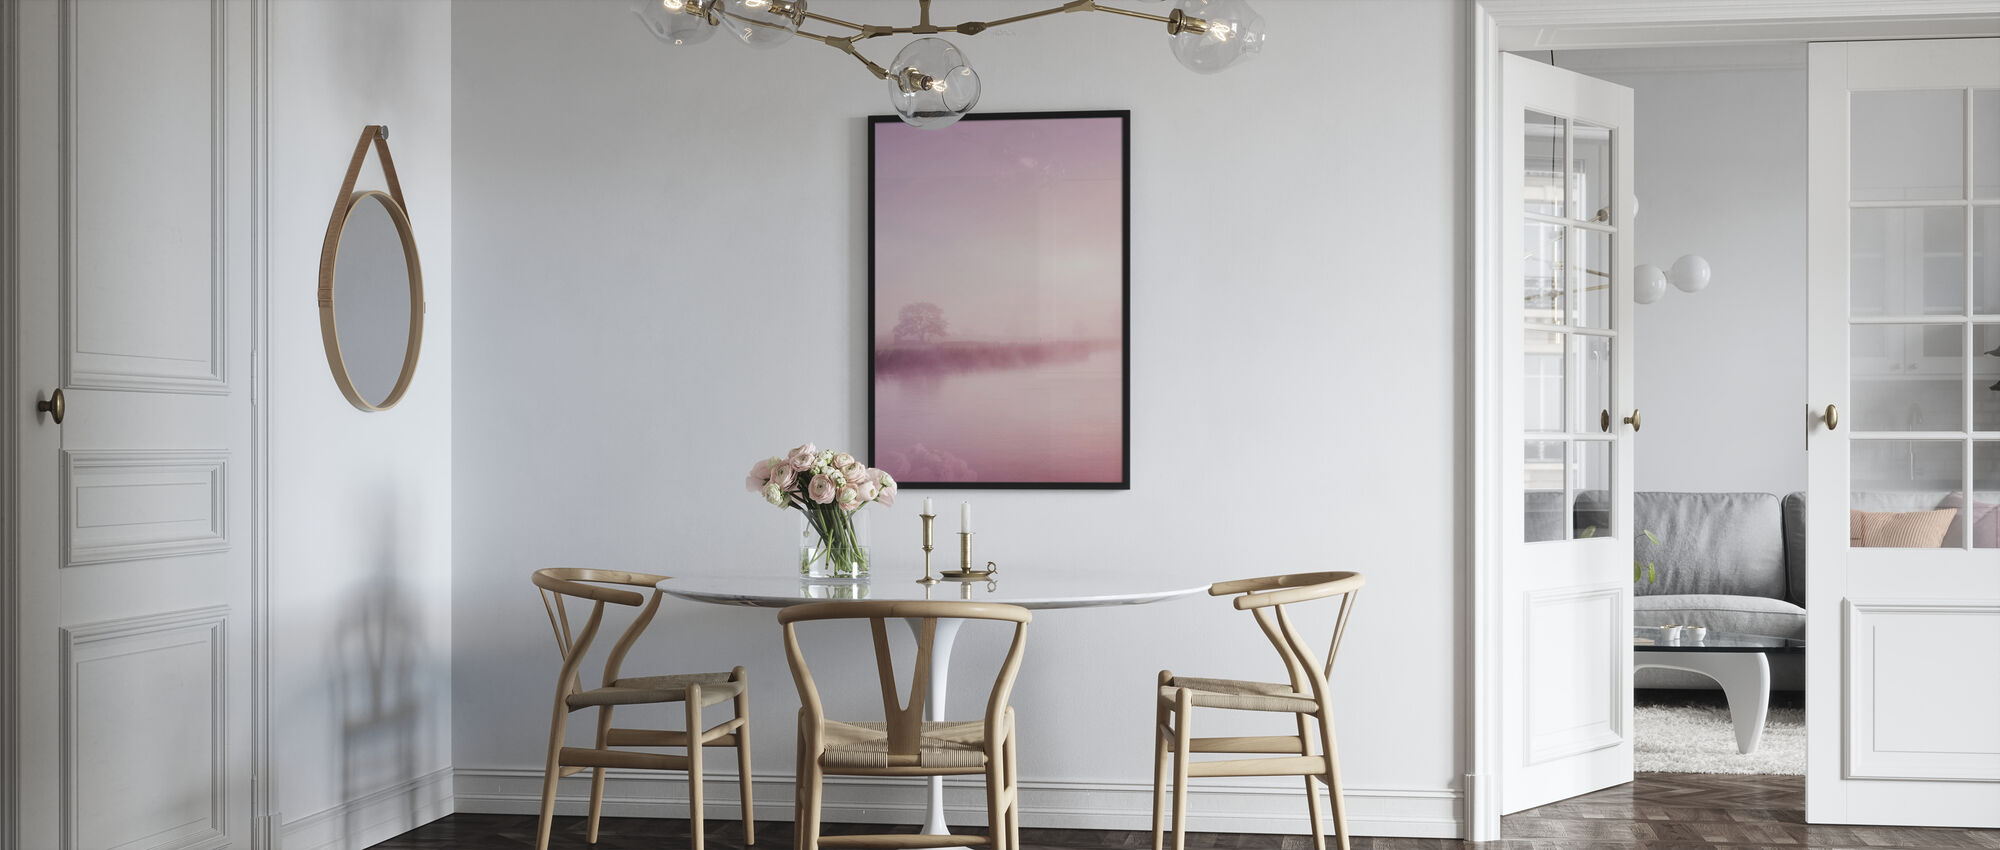 Rose Nebel über River Boyne - Poster - Küchen